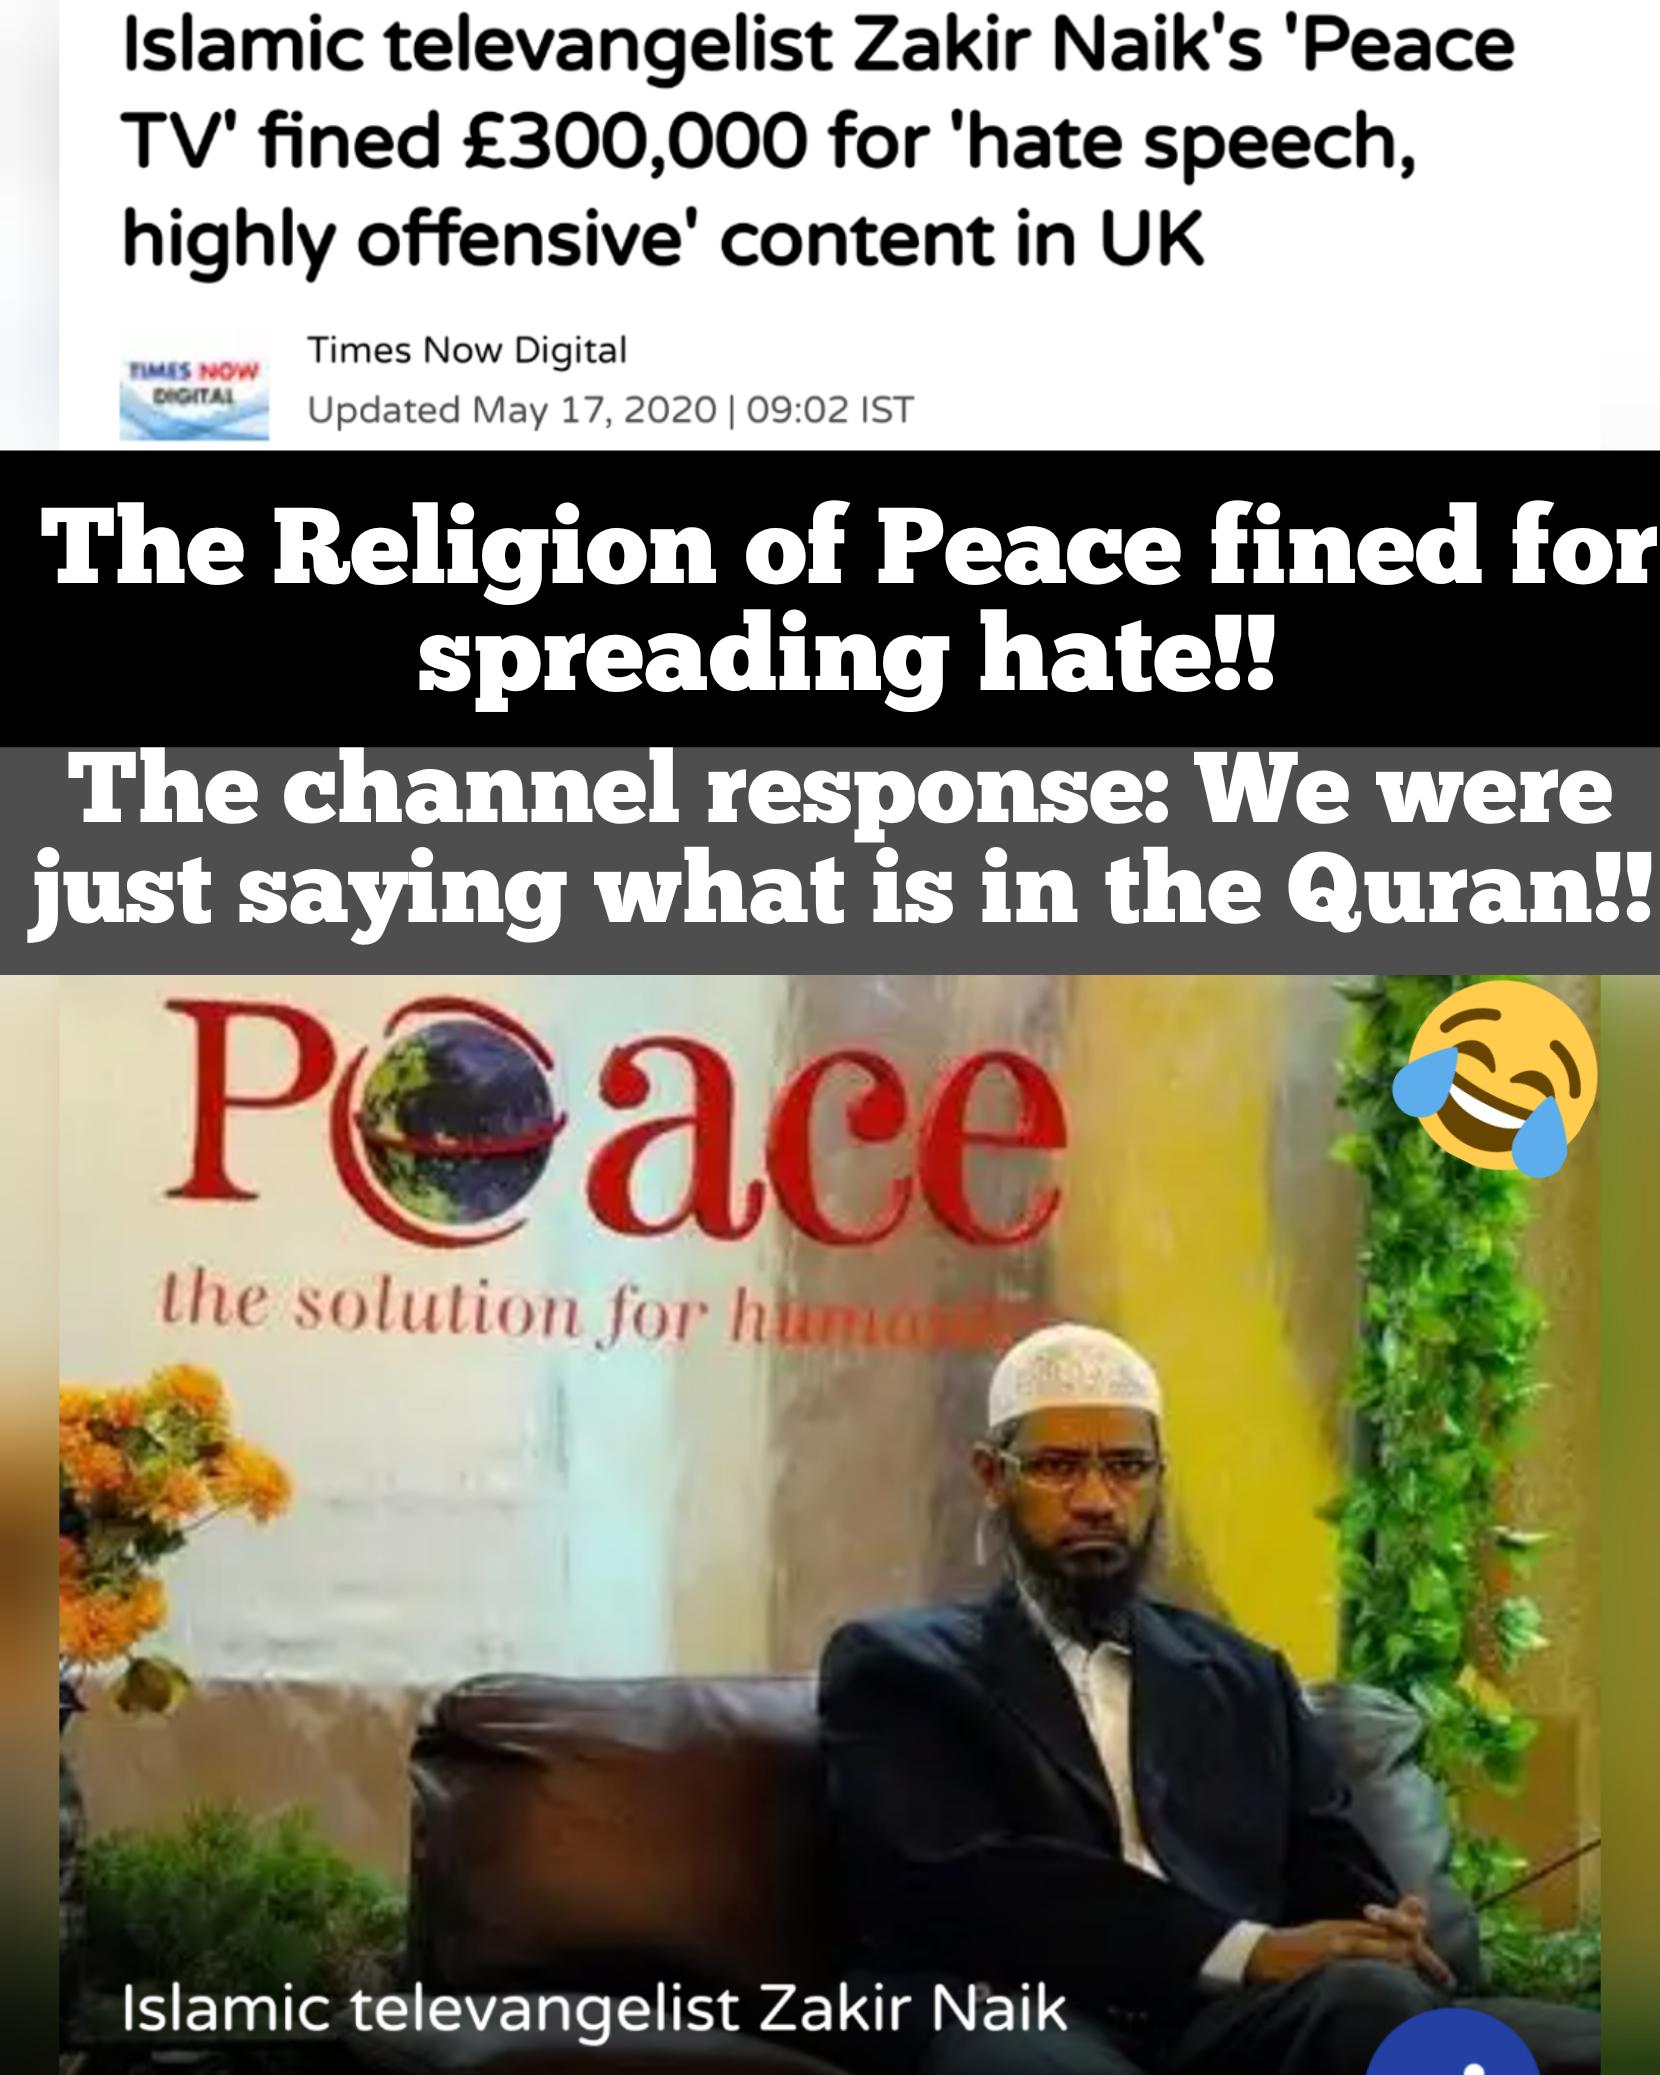 Peace TV penalized Zakri Naki